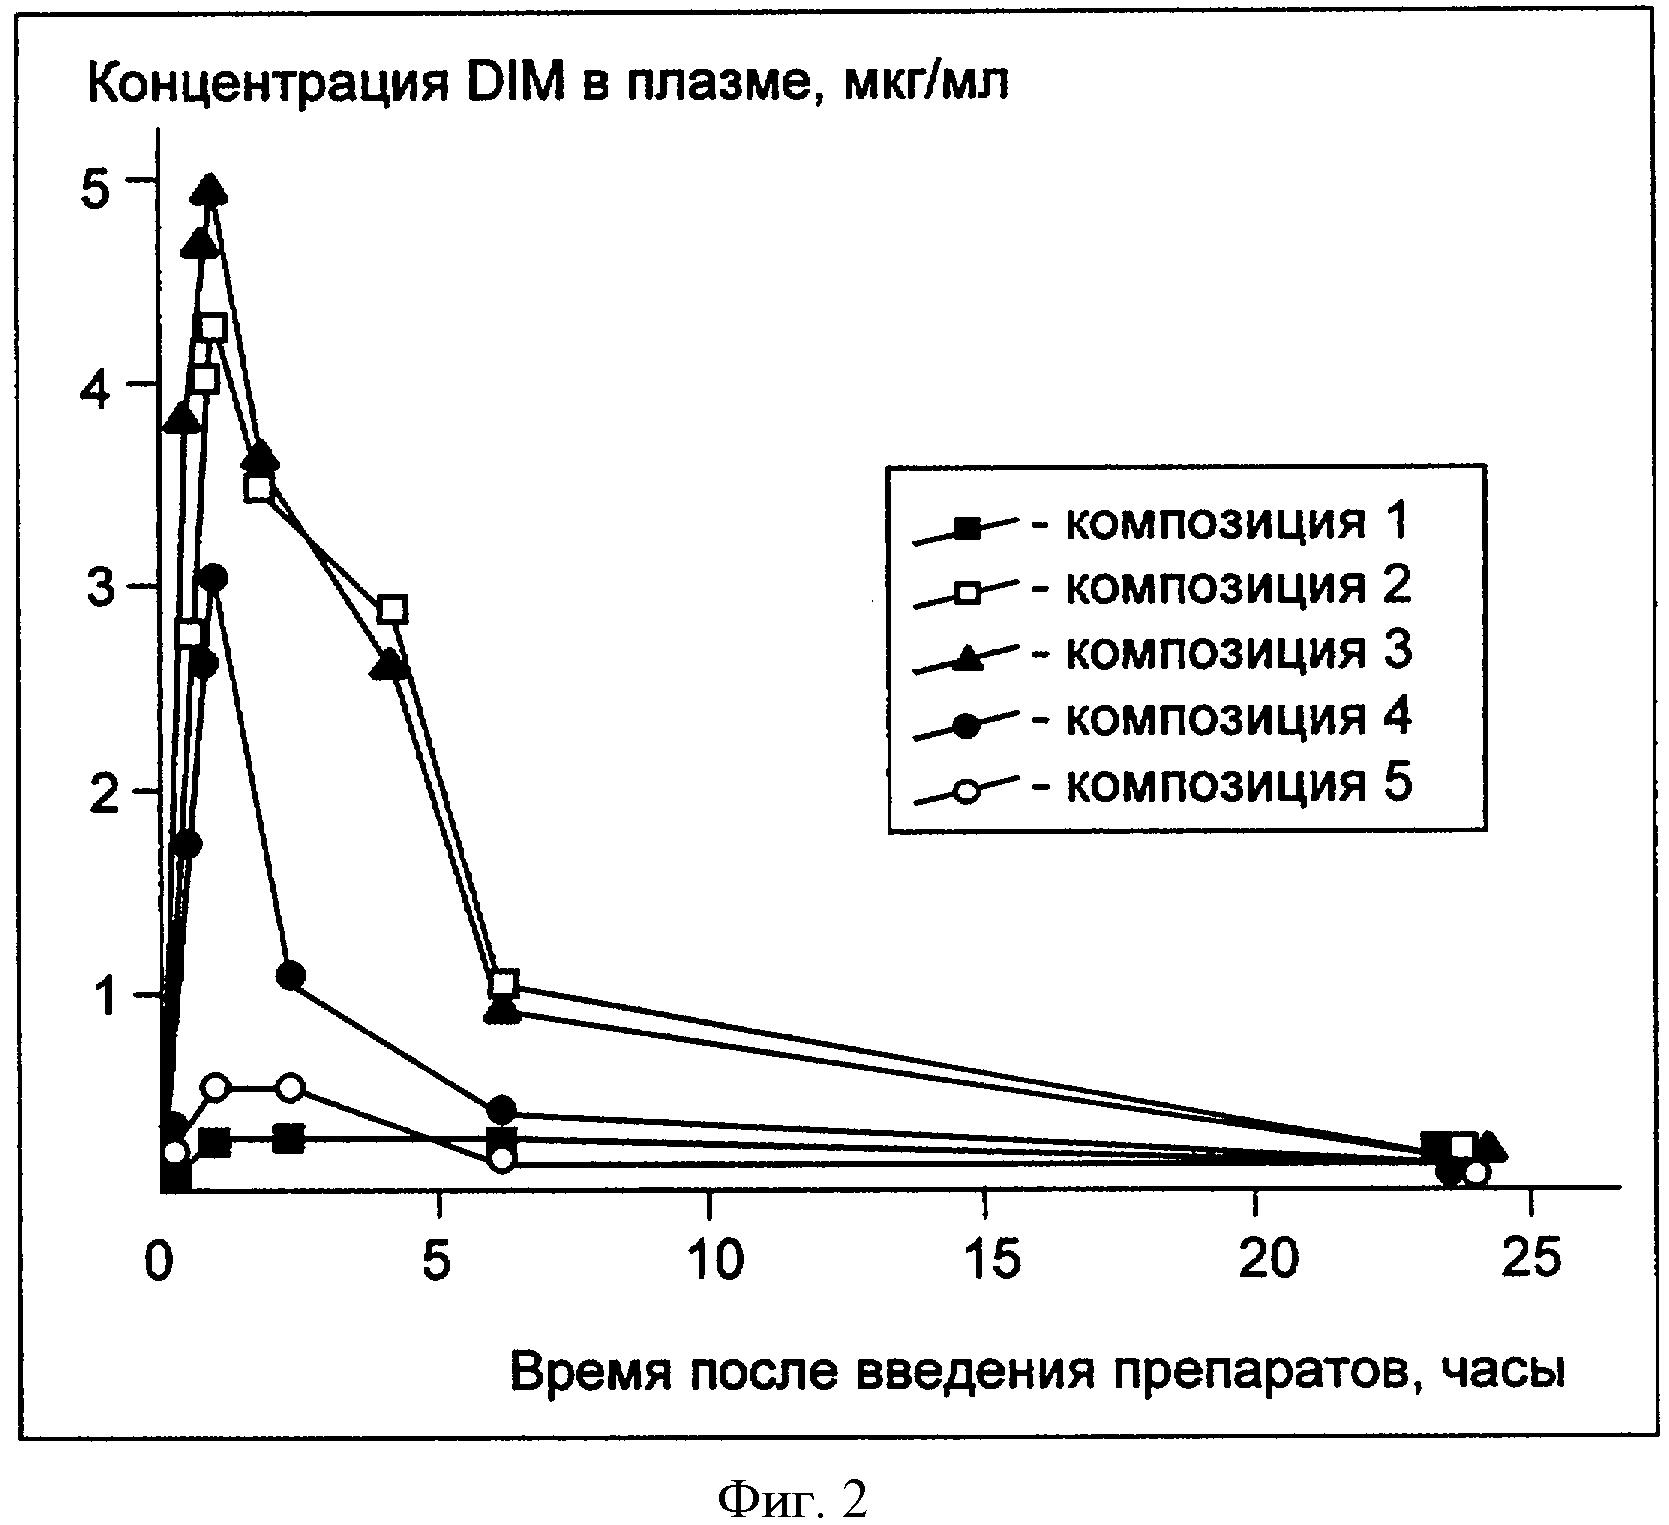 Фармацевтические композиции для пероральной доставки дииндолилметана (dim) и способы применения этих композиций